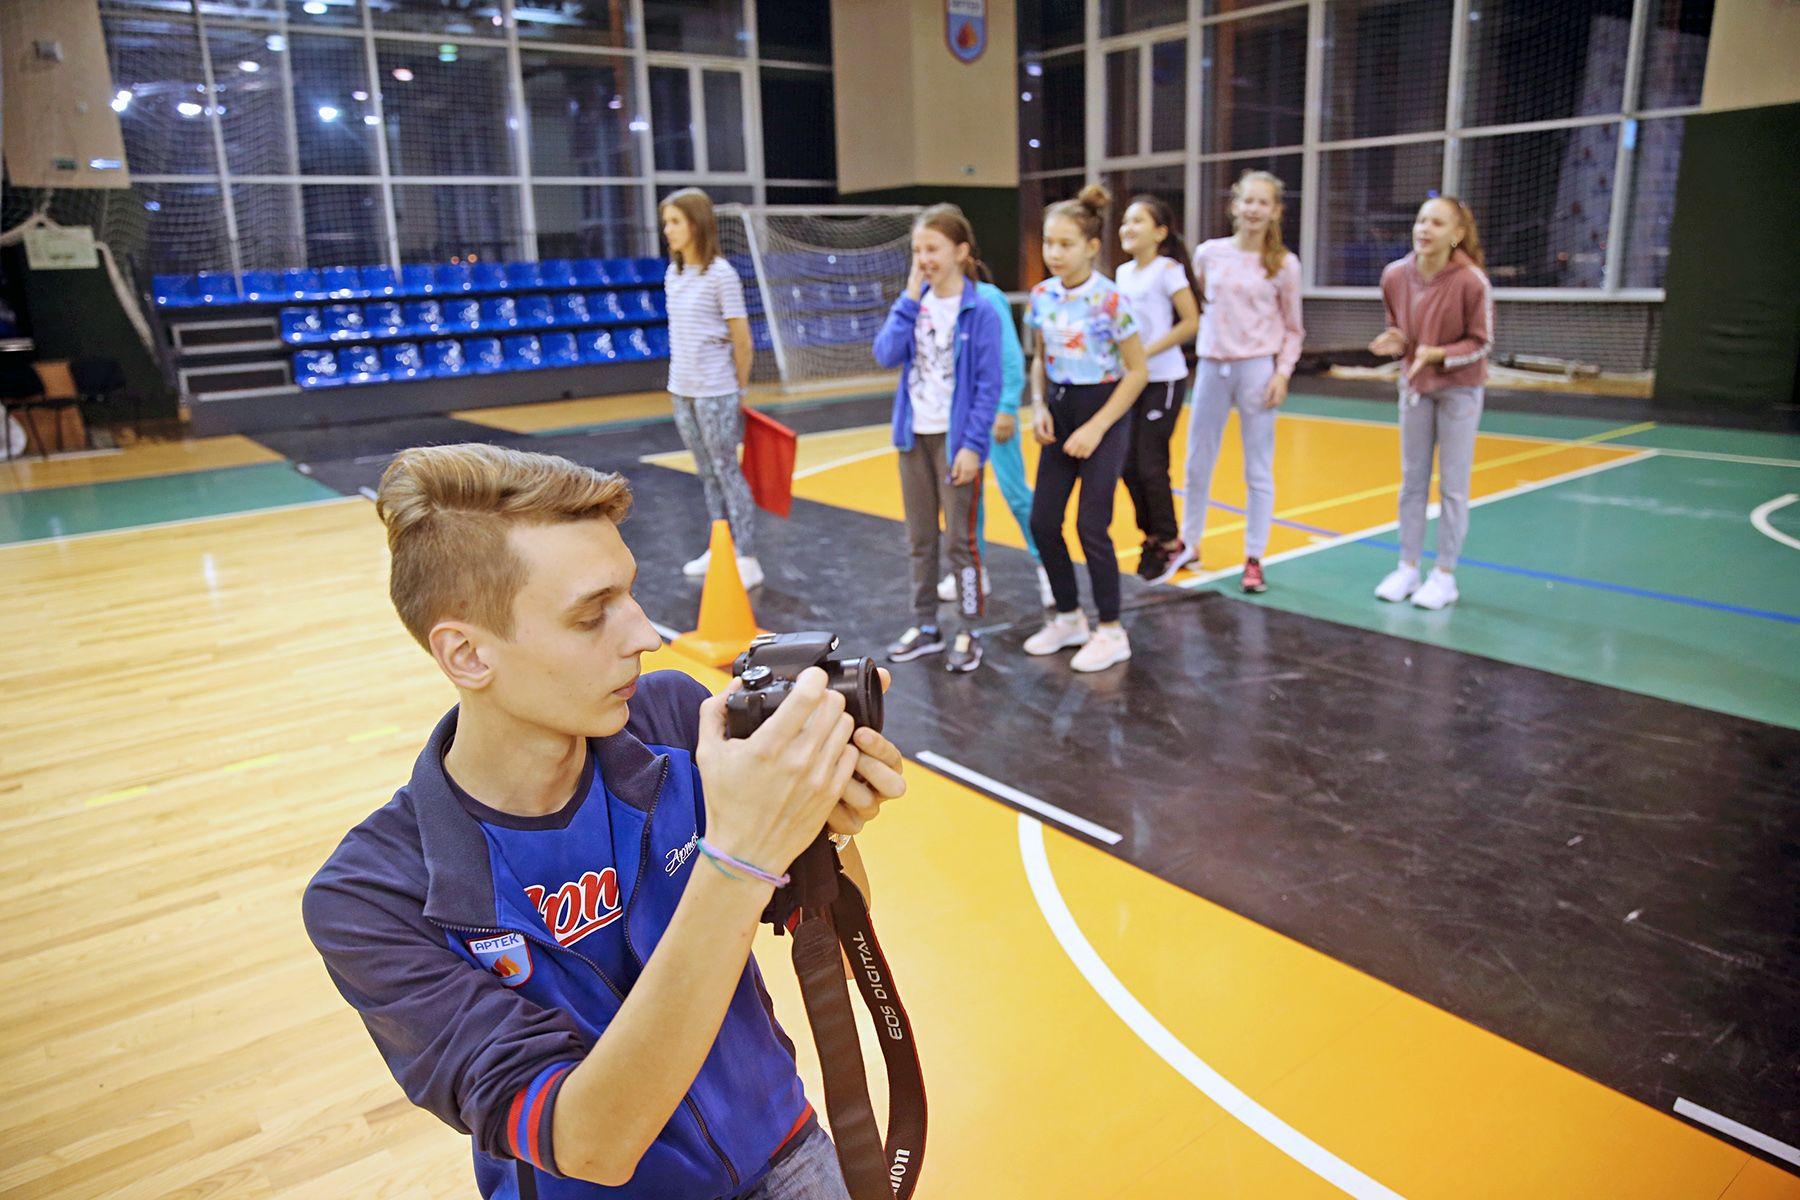 Глеб Заря, студент Высшей школы телевидения ВГУЭС: журналист, вожатый, проводник поезда